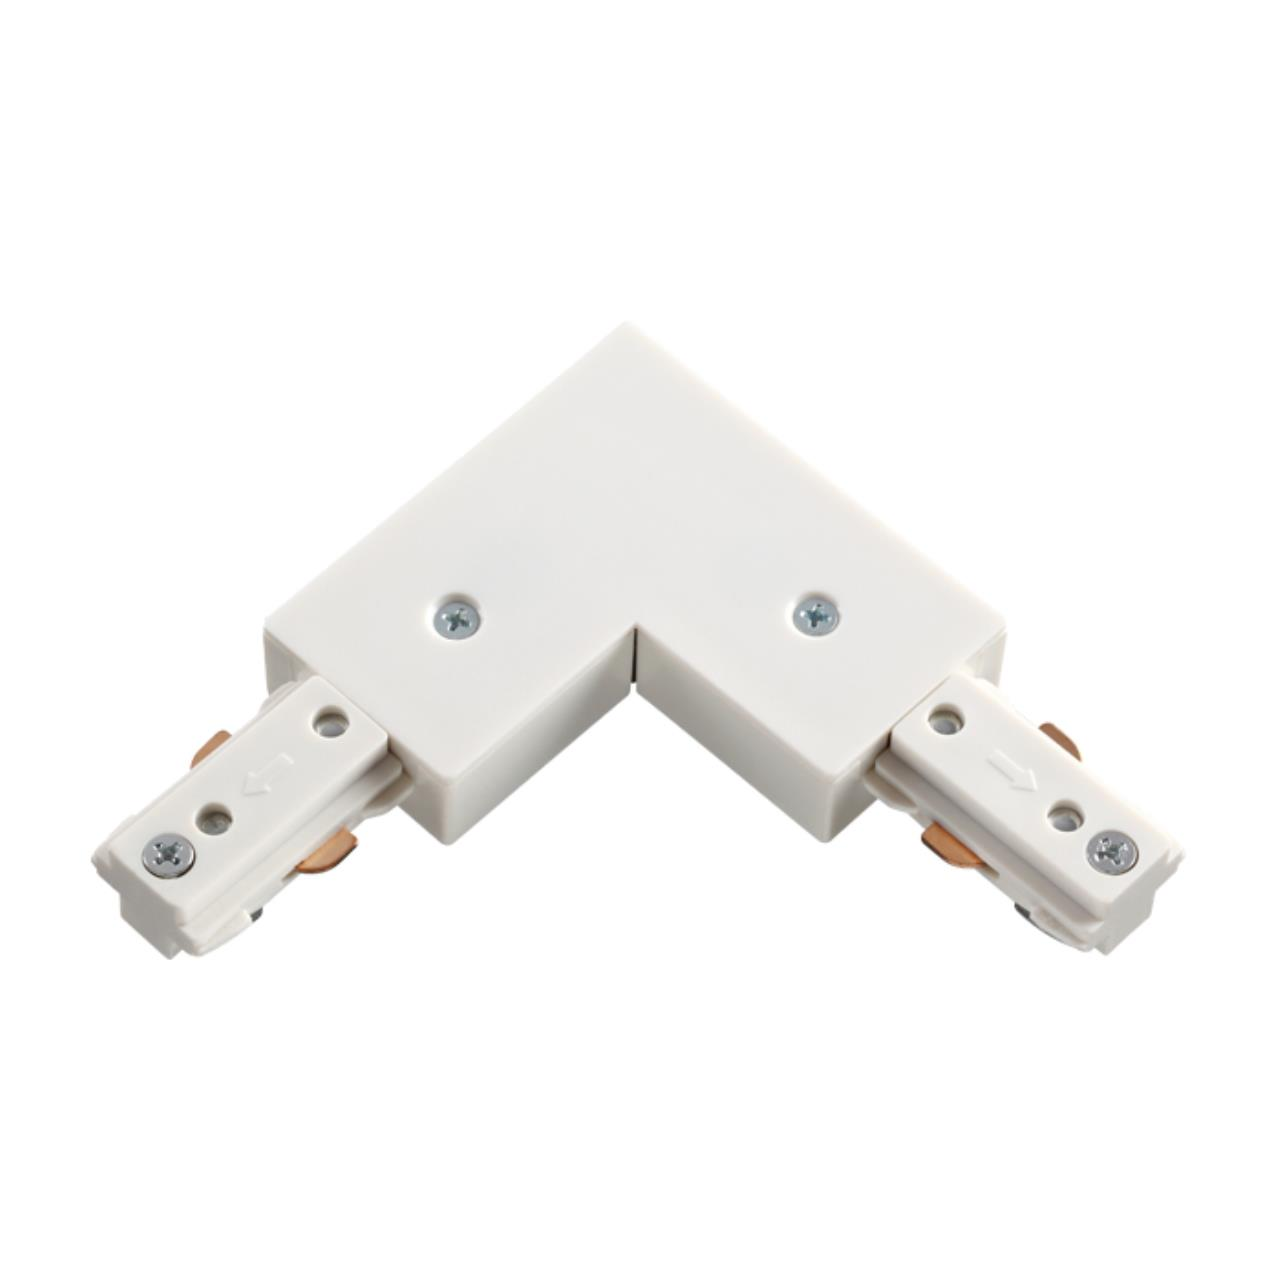 135008 PORT NT18 015 белый Соединитель с токопроводом L-образный для однофазного шинопровода